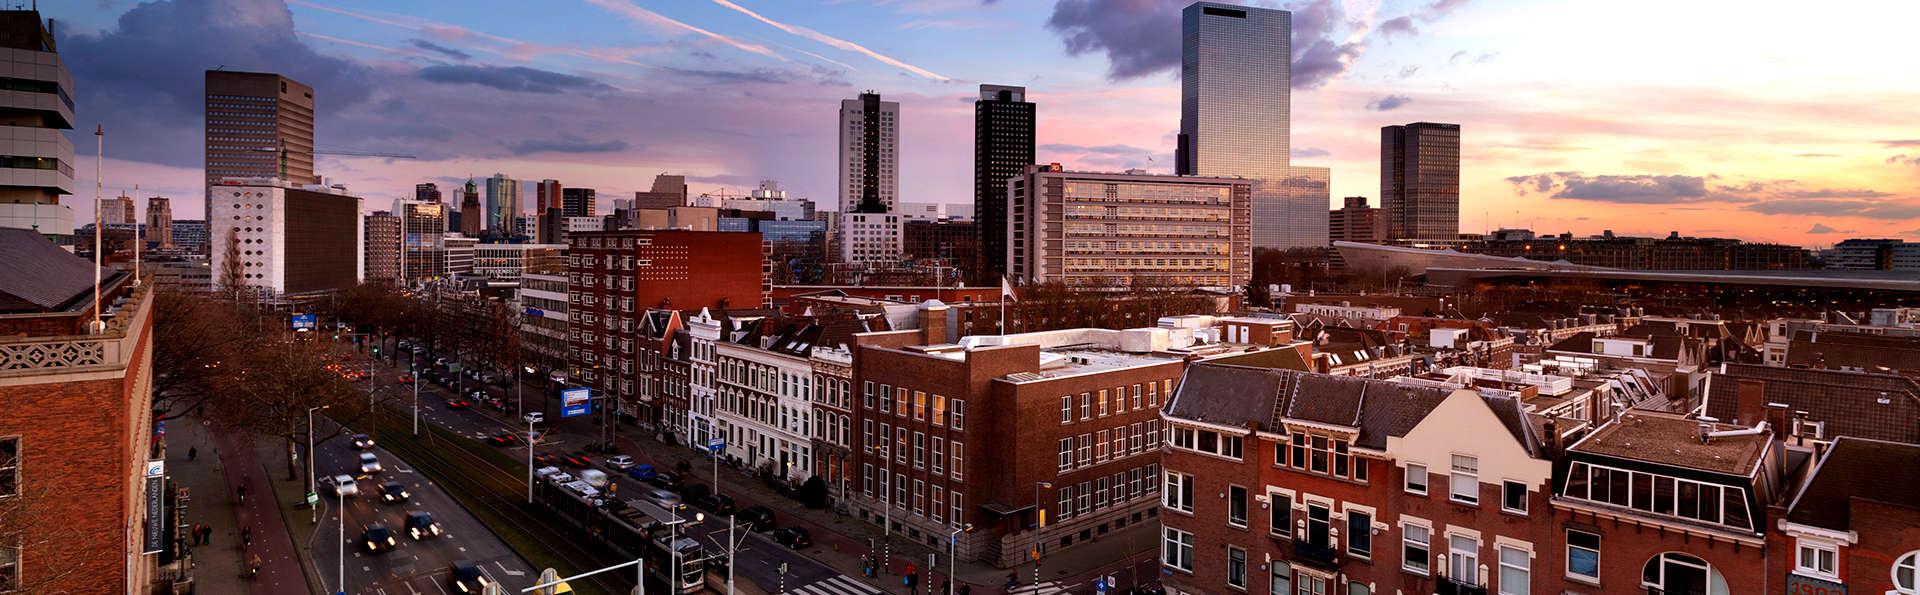 Citytrip in een gloednieuw hotel in het centrum van Rotterdam